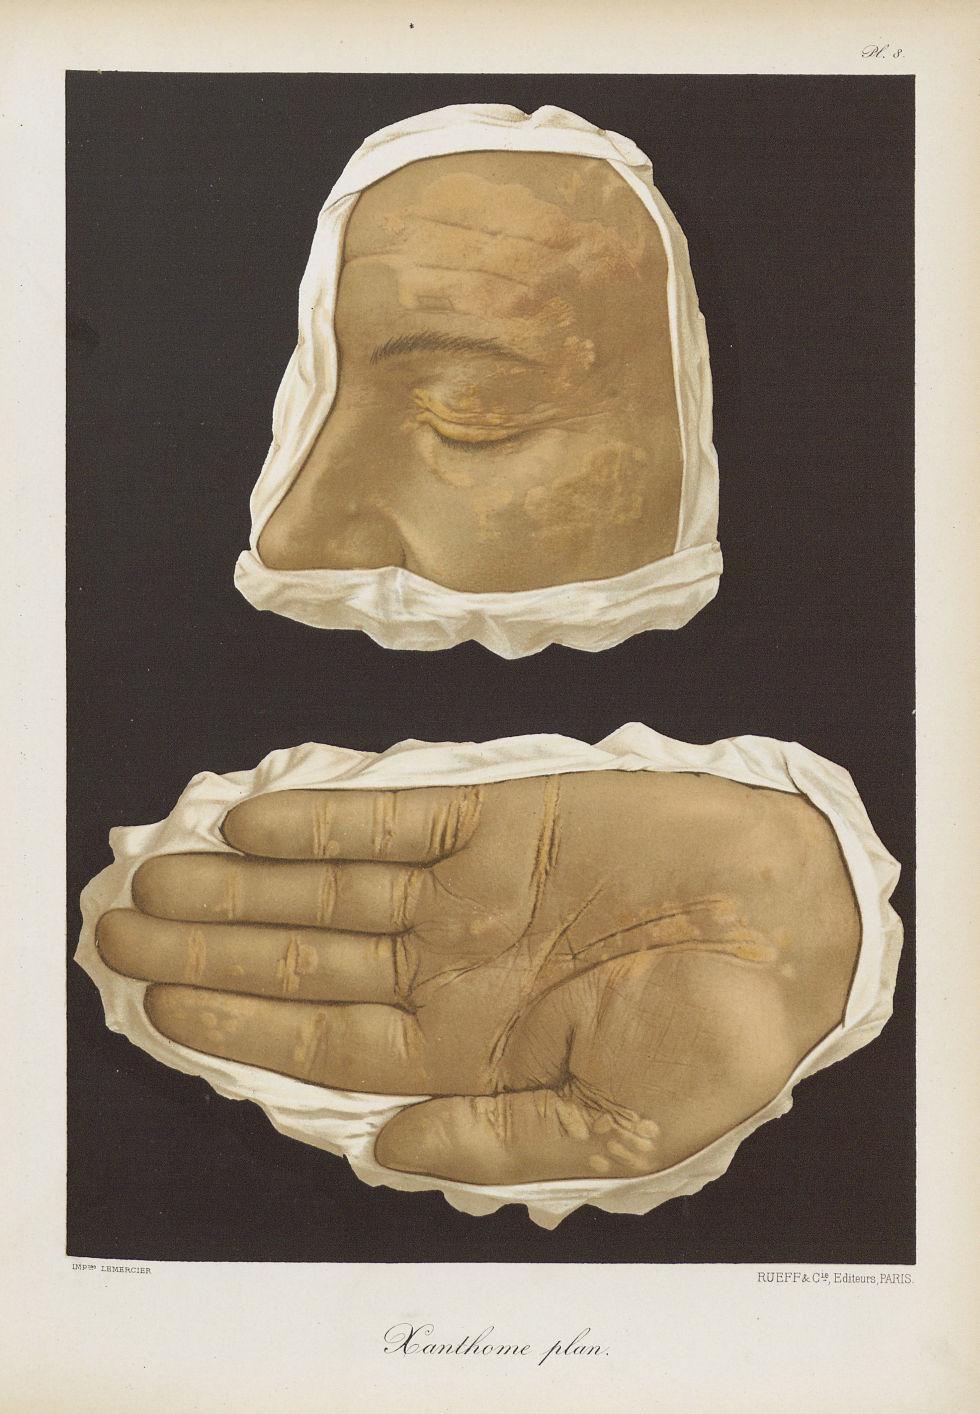 Xanthome plan - Dermatologie (peau). Visages (têtes). 19e siècle (France) - med01740x0072